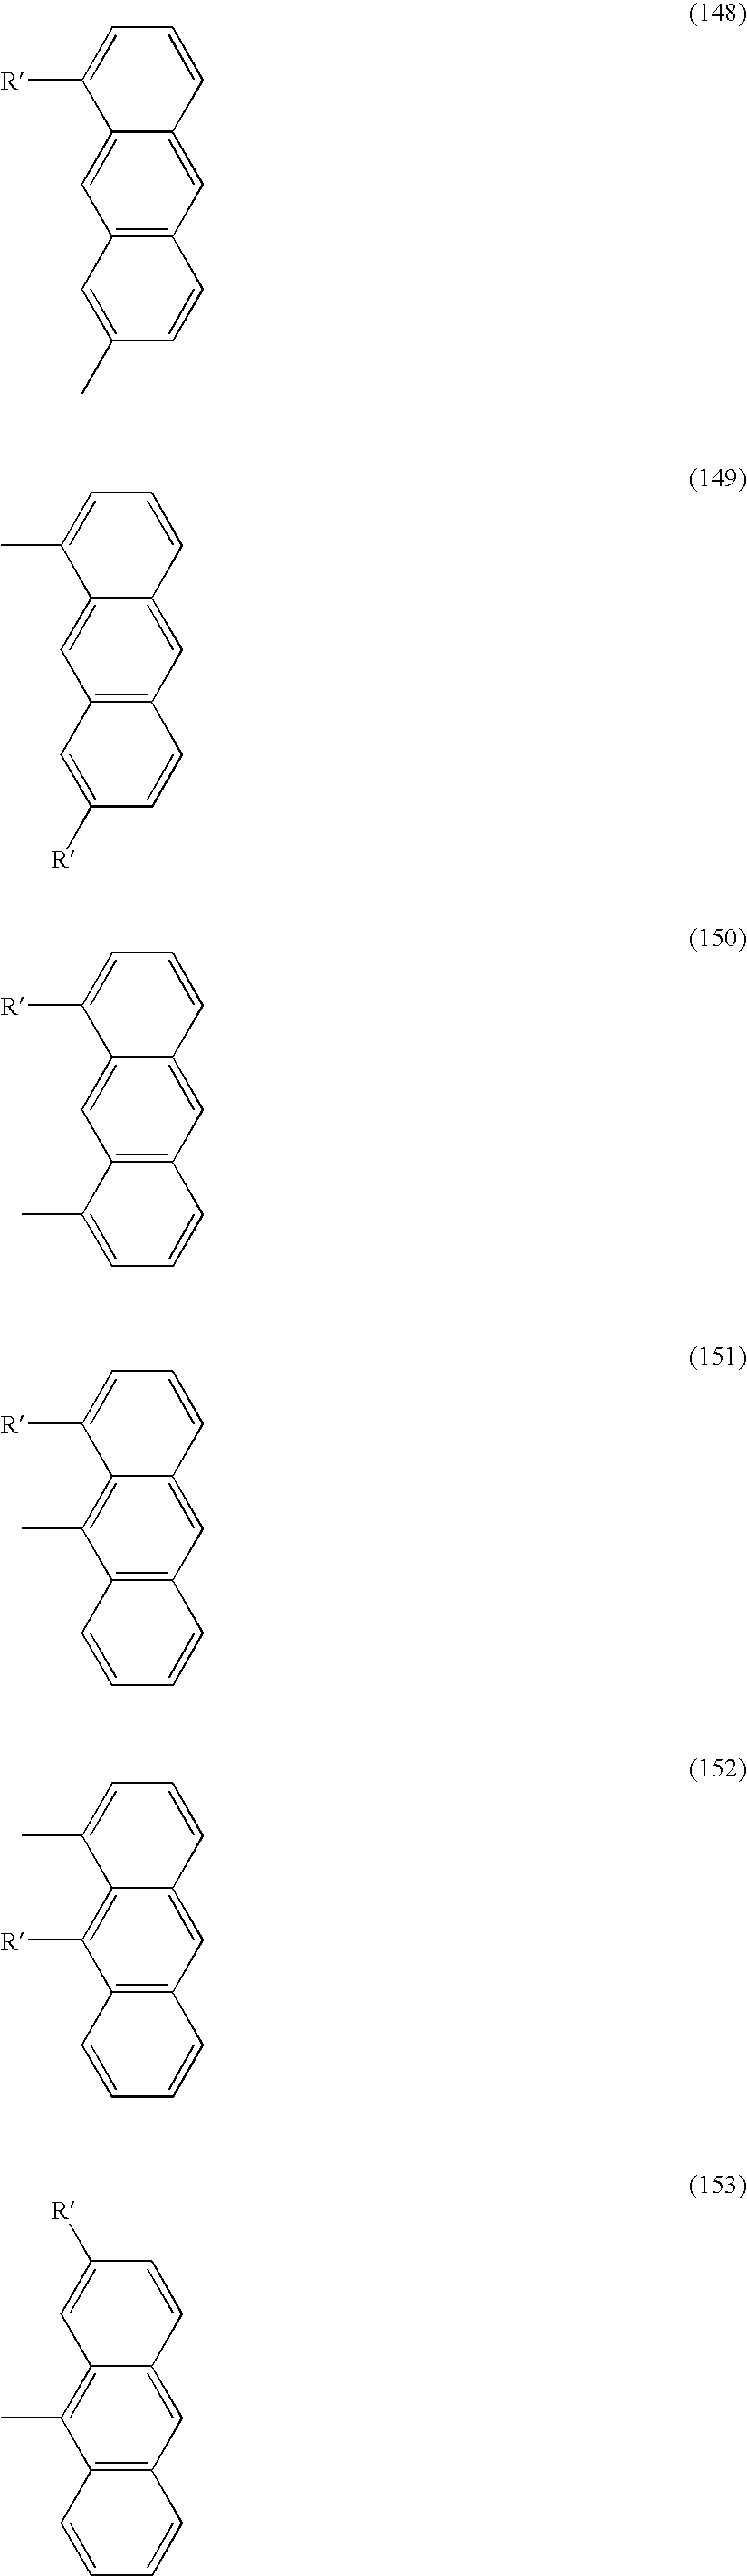 Figure US08154195-20120410-C00058